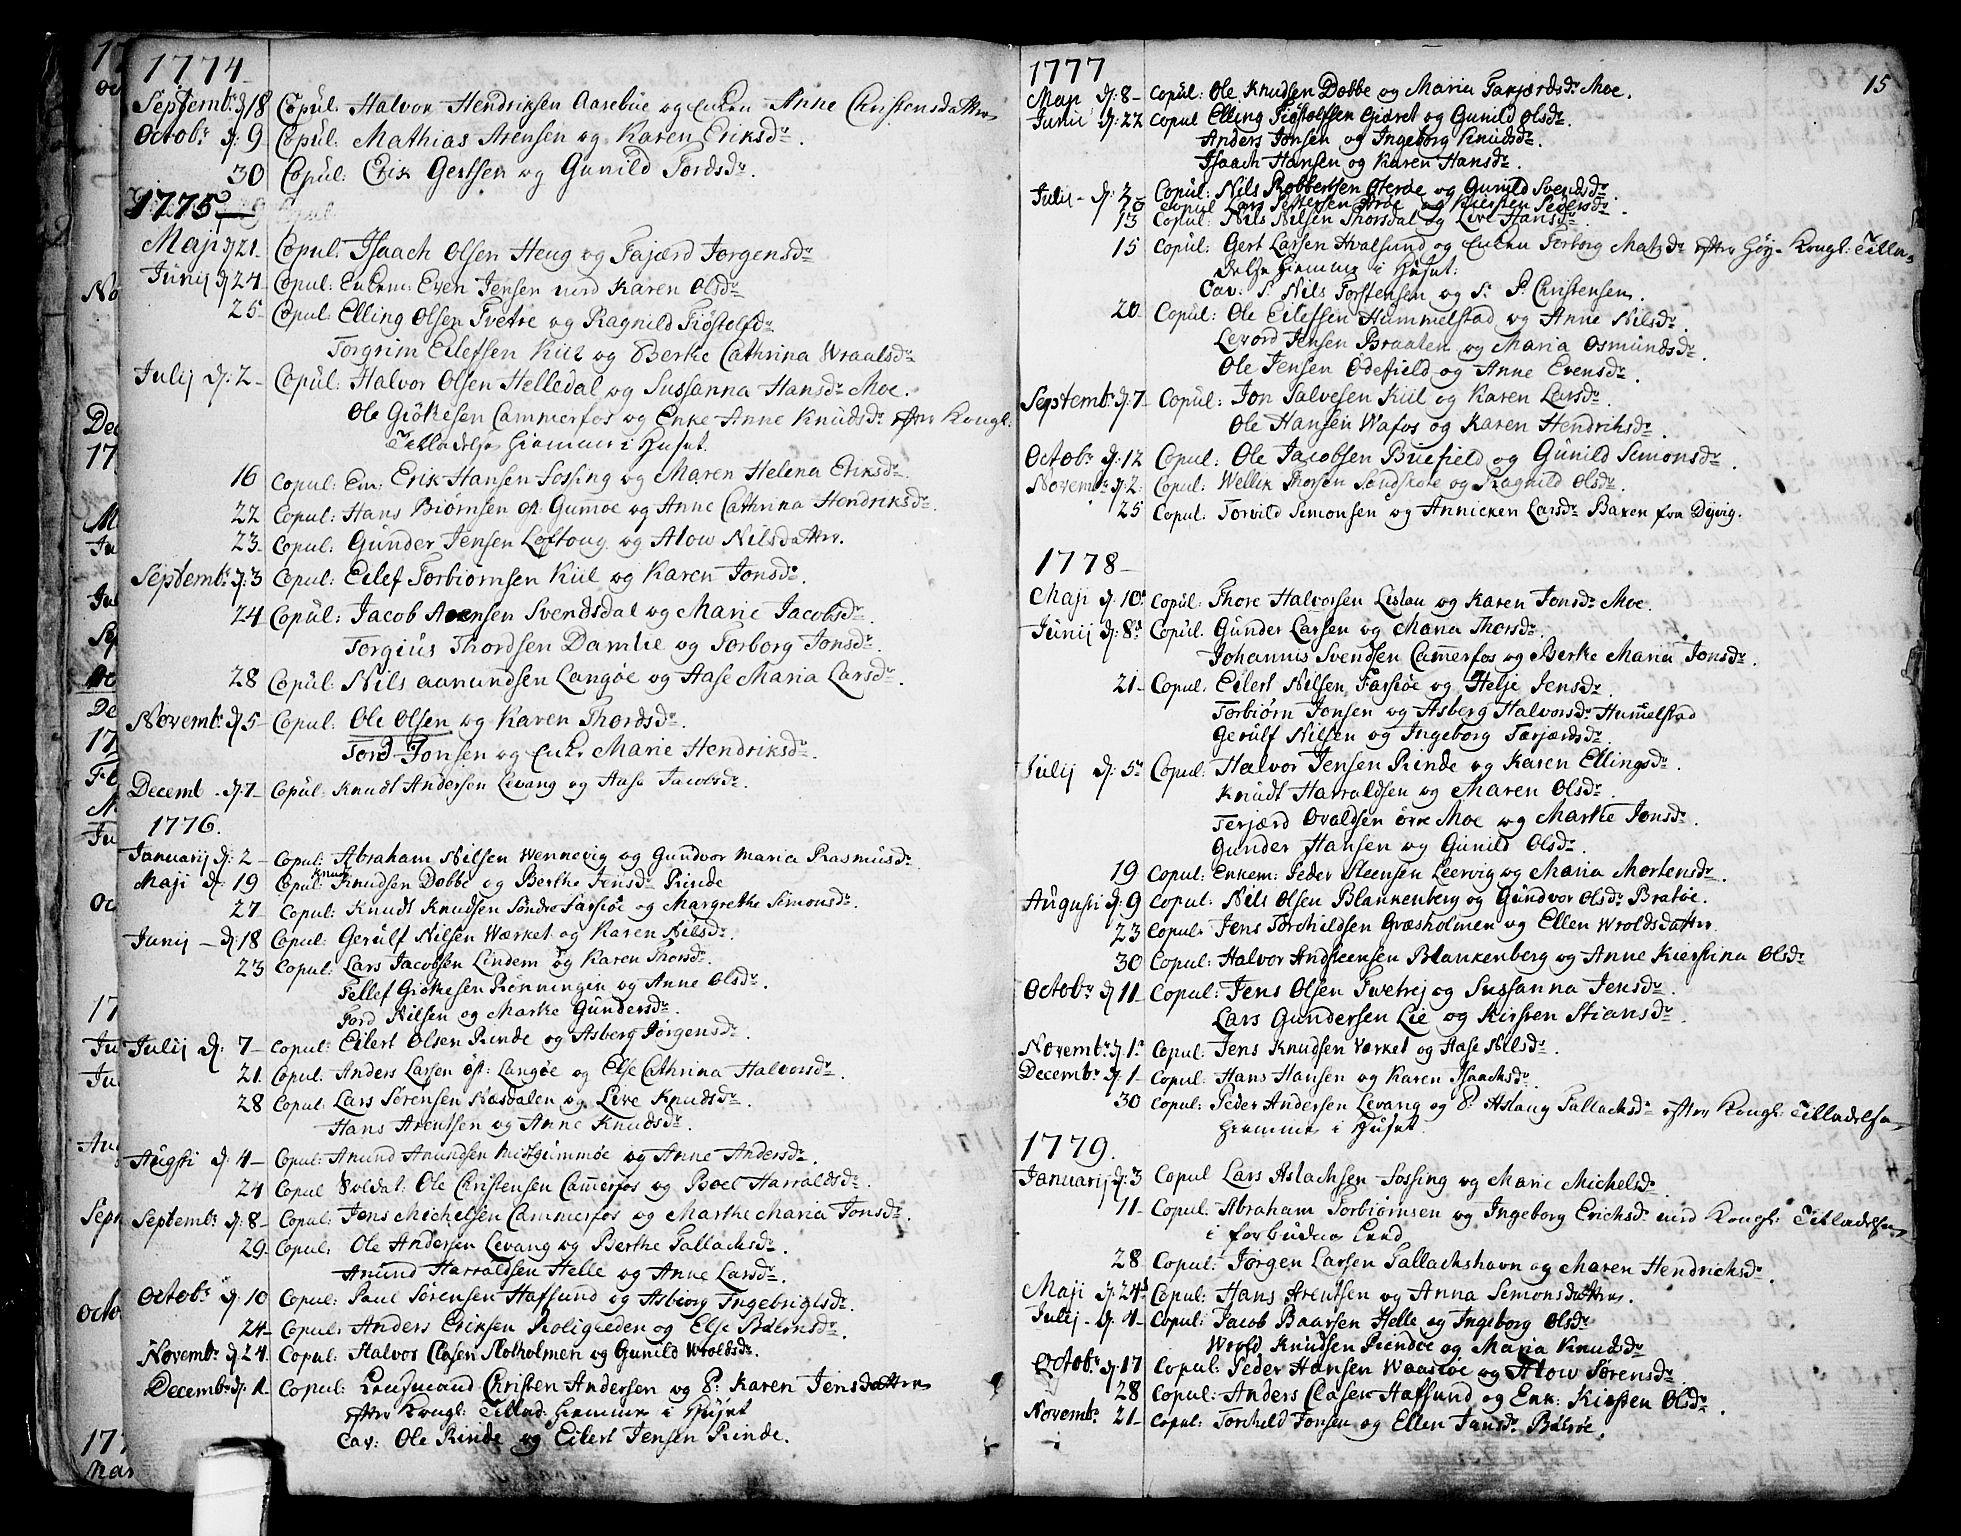 SAKO, Sannidal kirkebøker, F/Fa/L0002: Ministerialbok nr. 2, 1767-1802, s. 15